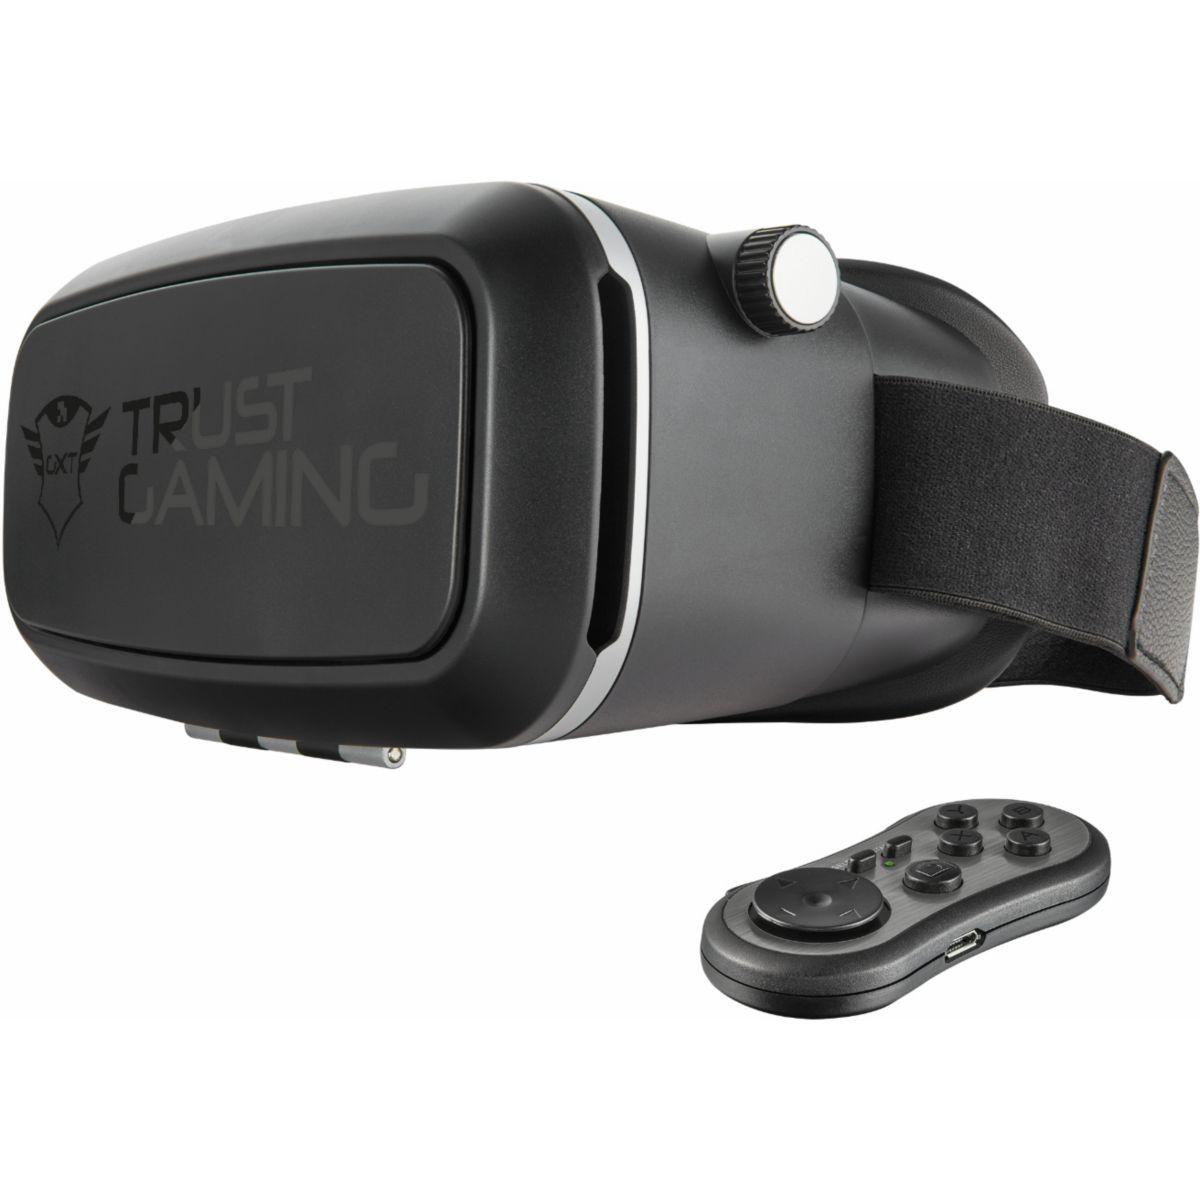 Casque de réalité virtuelle TRUST Casque VR GXT720